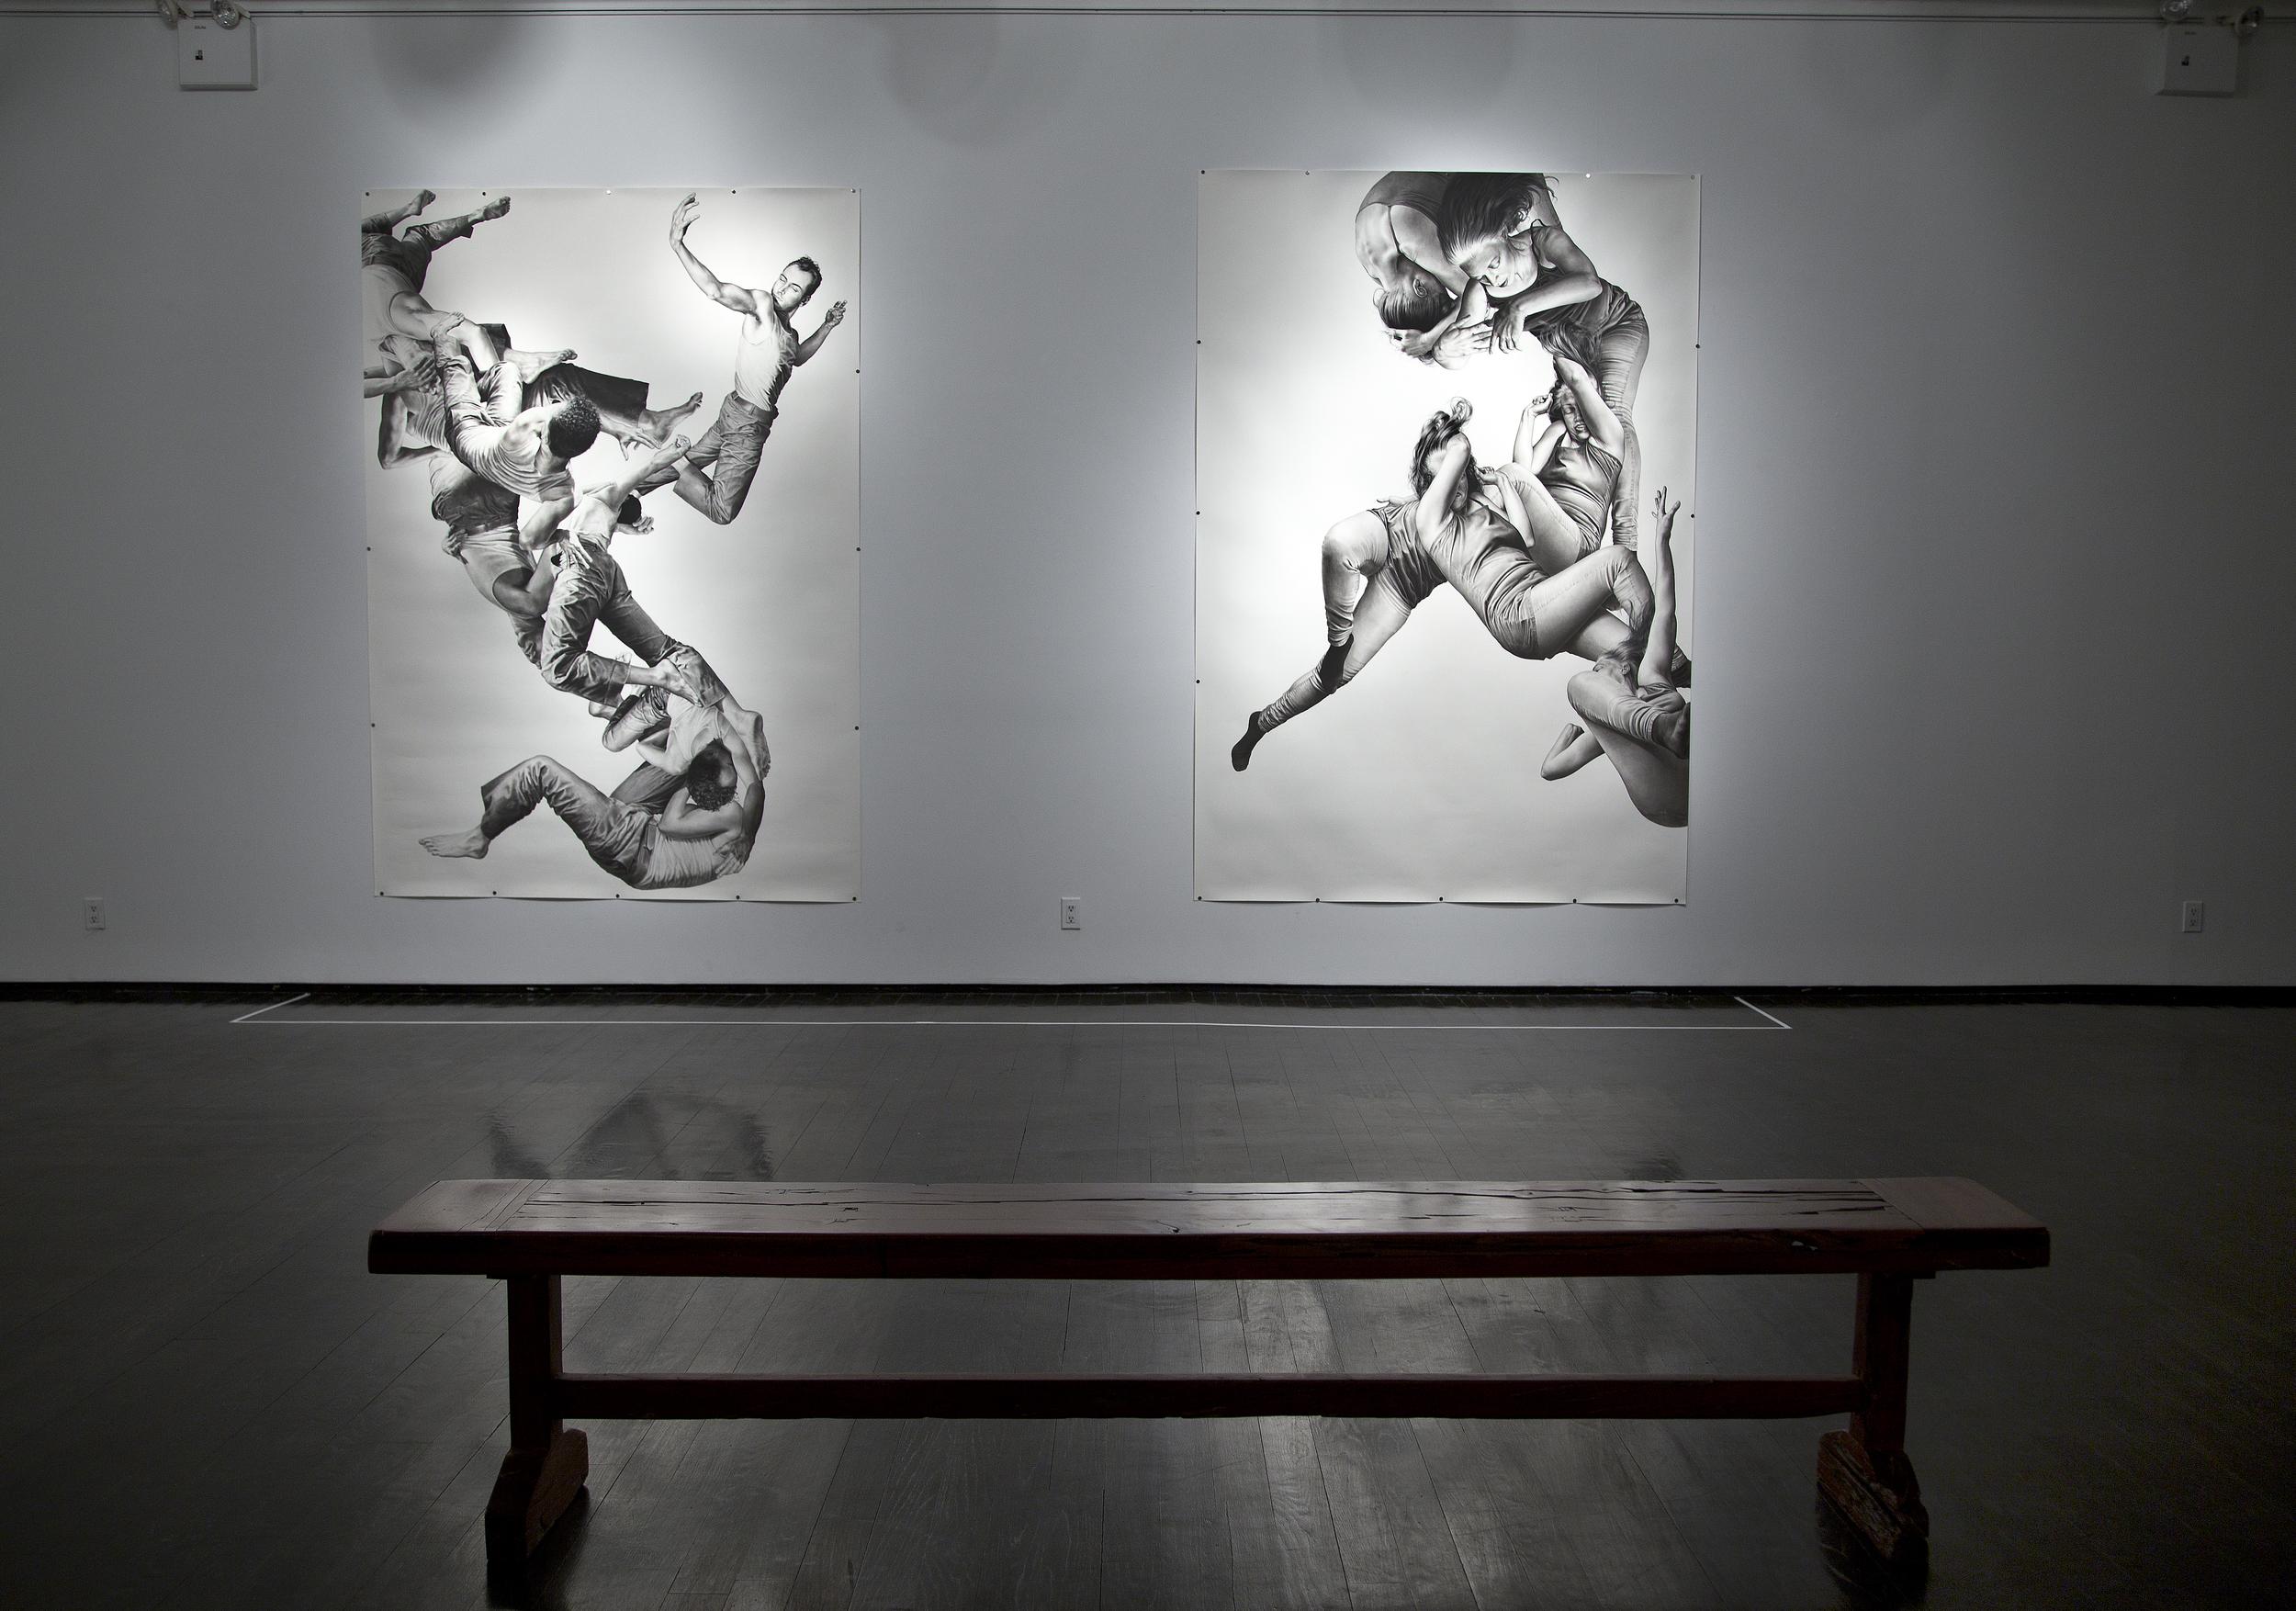 Dillon_Gallery_Leah_Yerpe_Drawings_Chelsea_Exhibit_NYC.jpg